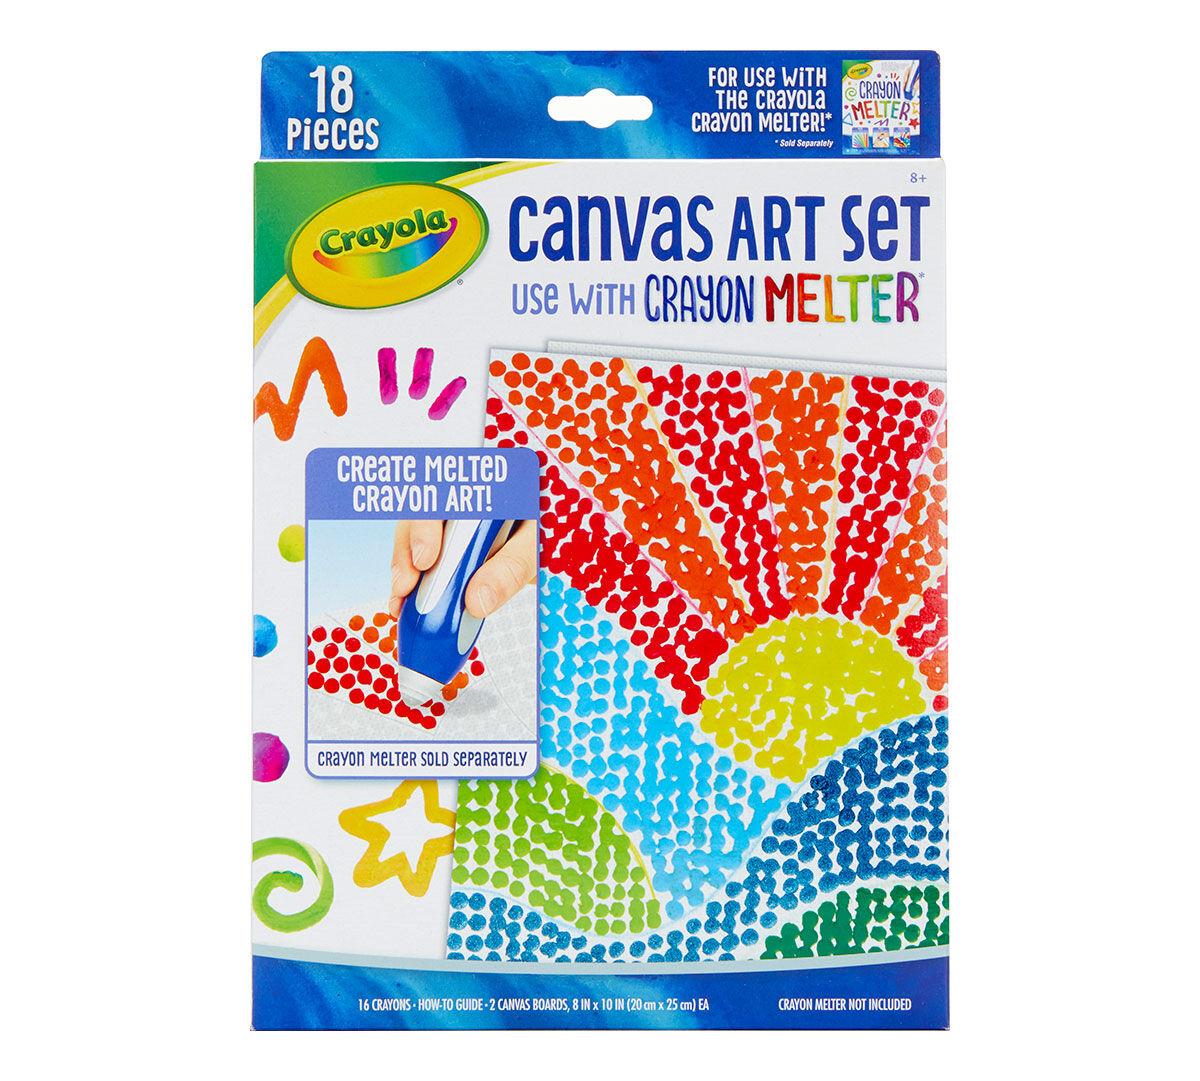 Crayon Melter Canvas Pixel Art Kit